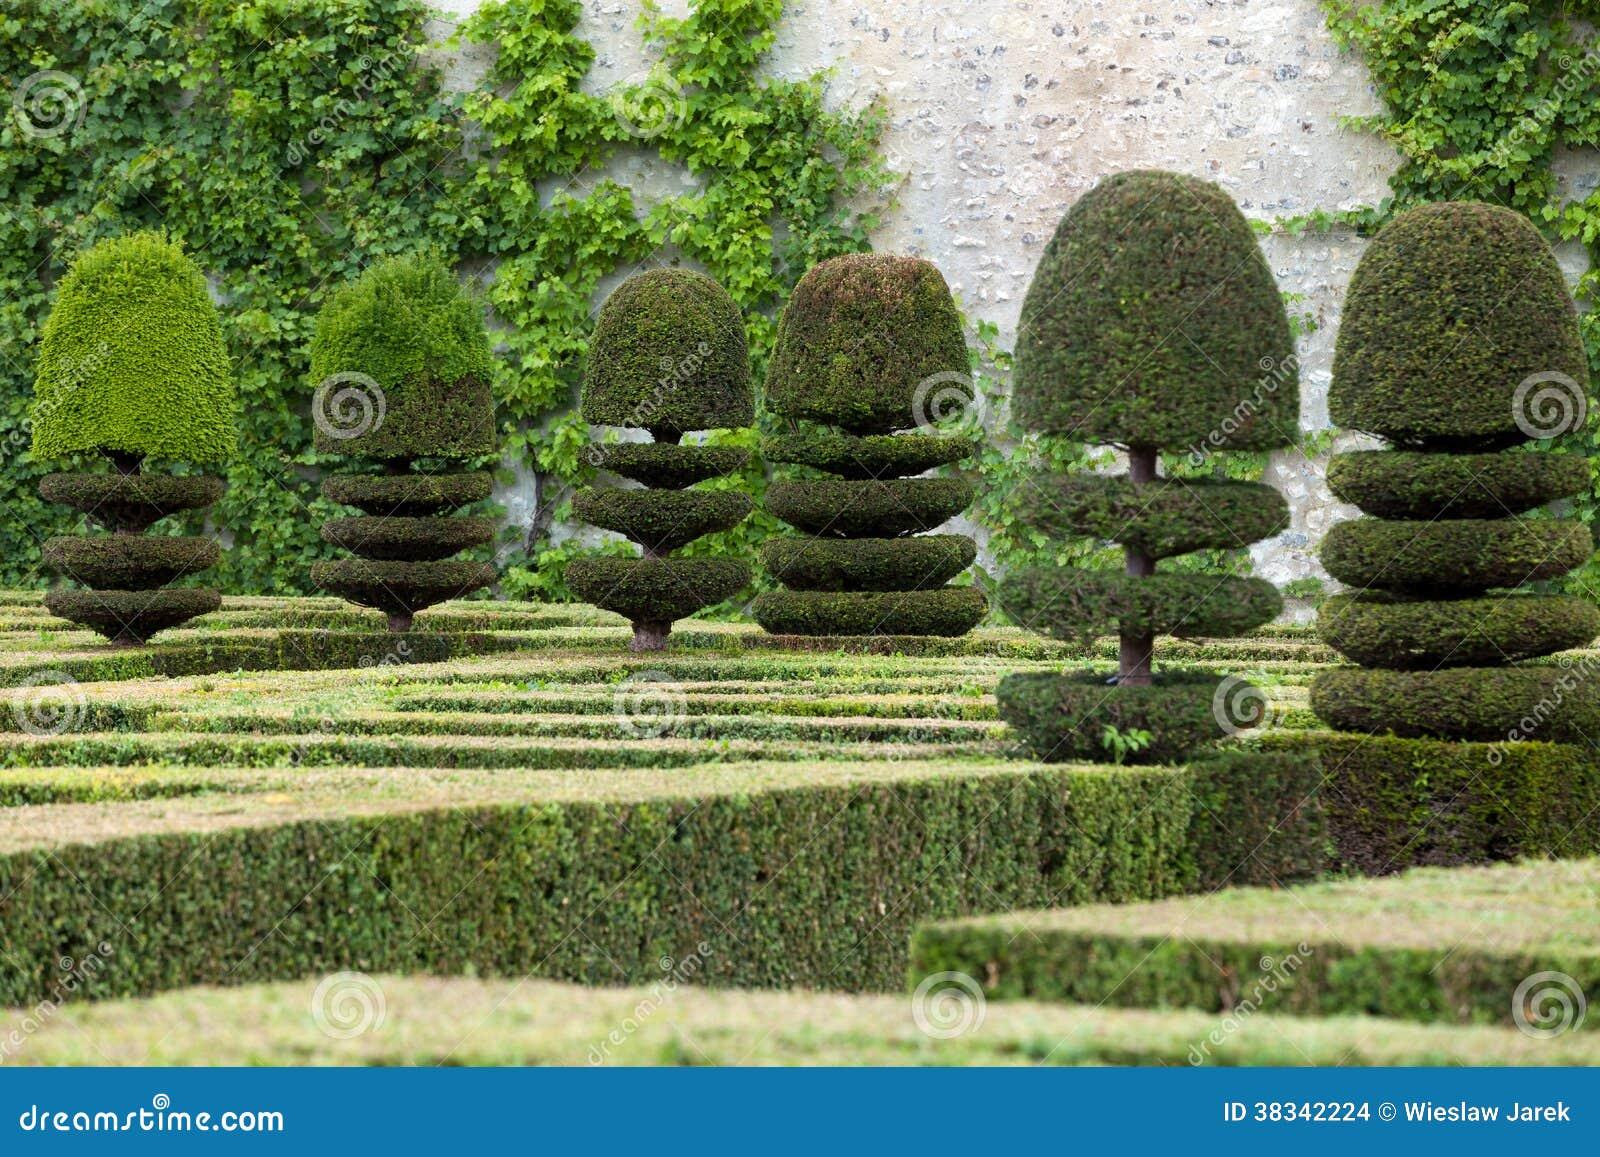 jardines decorativos en los castillos en francia imagenes de archivo